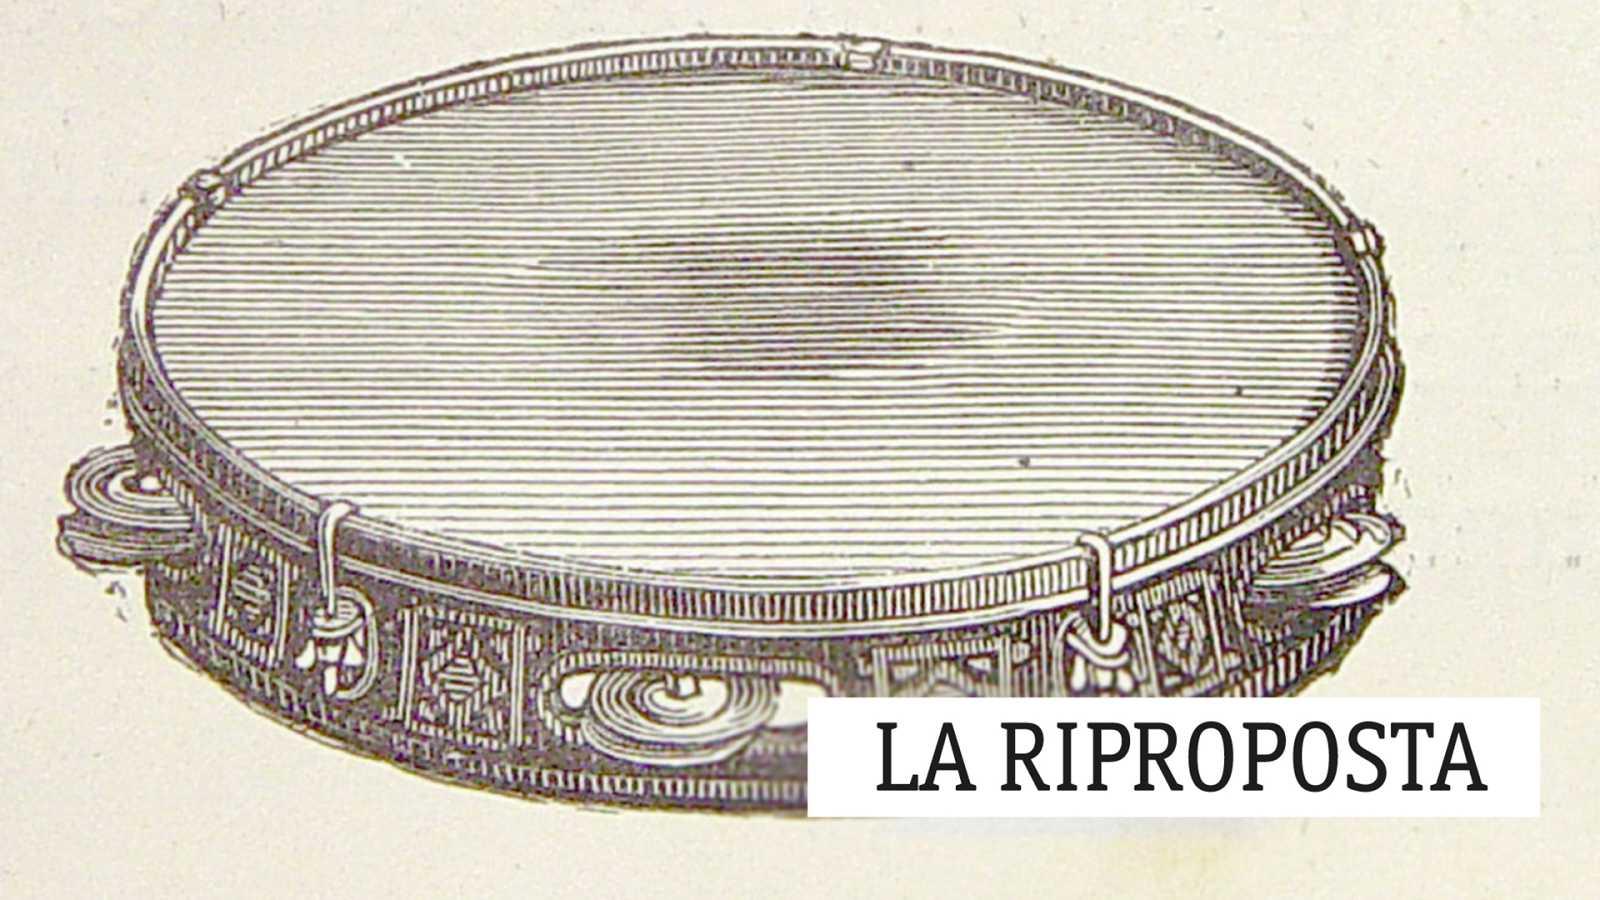 La riproposta - El folklore en Andalucía - 27/02/21 - escuchar ahora